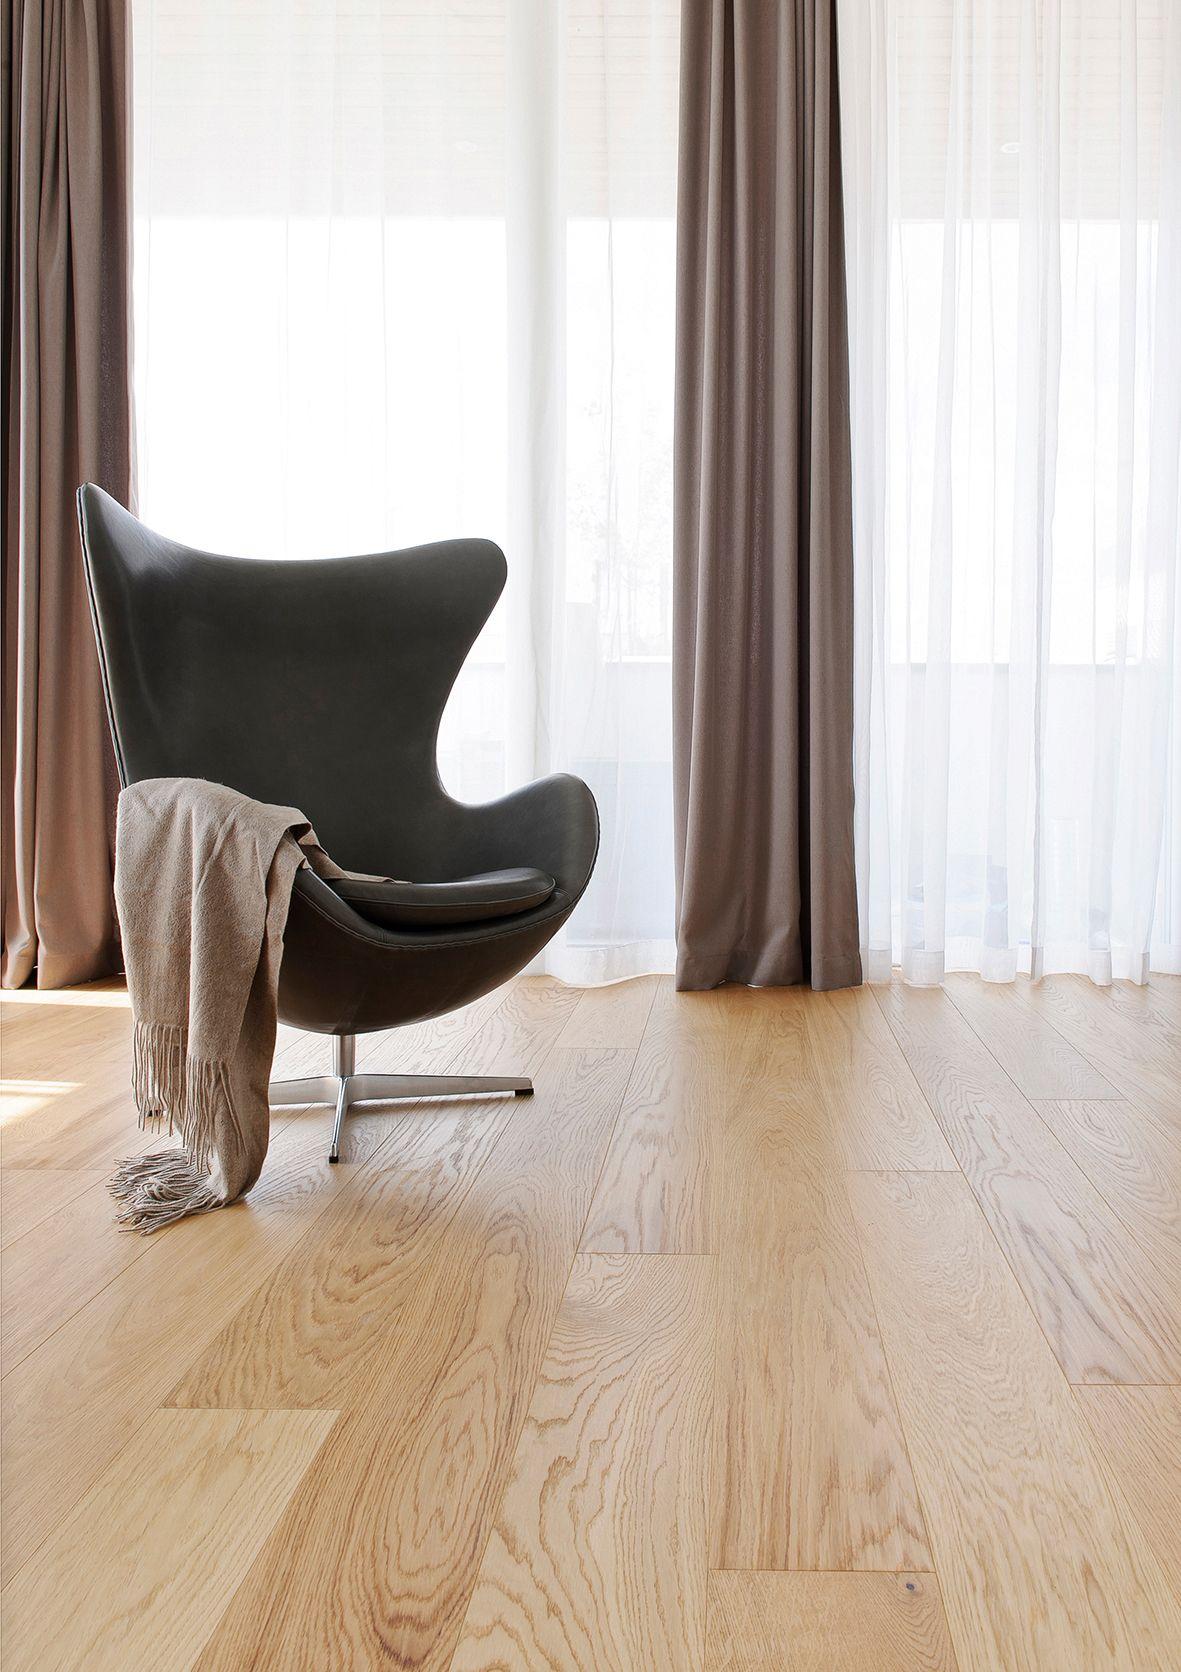 Timberwise – Tammiparketti Select harjattu mattalakattu. Kotimaisen laatuparkettivalmistajan upea klassinen lattiavaihtoehto. #habitare2014 #design #sisustus #messut #helsinki #messukeskus